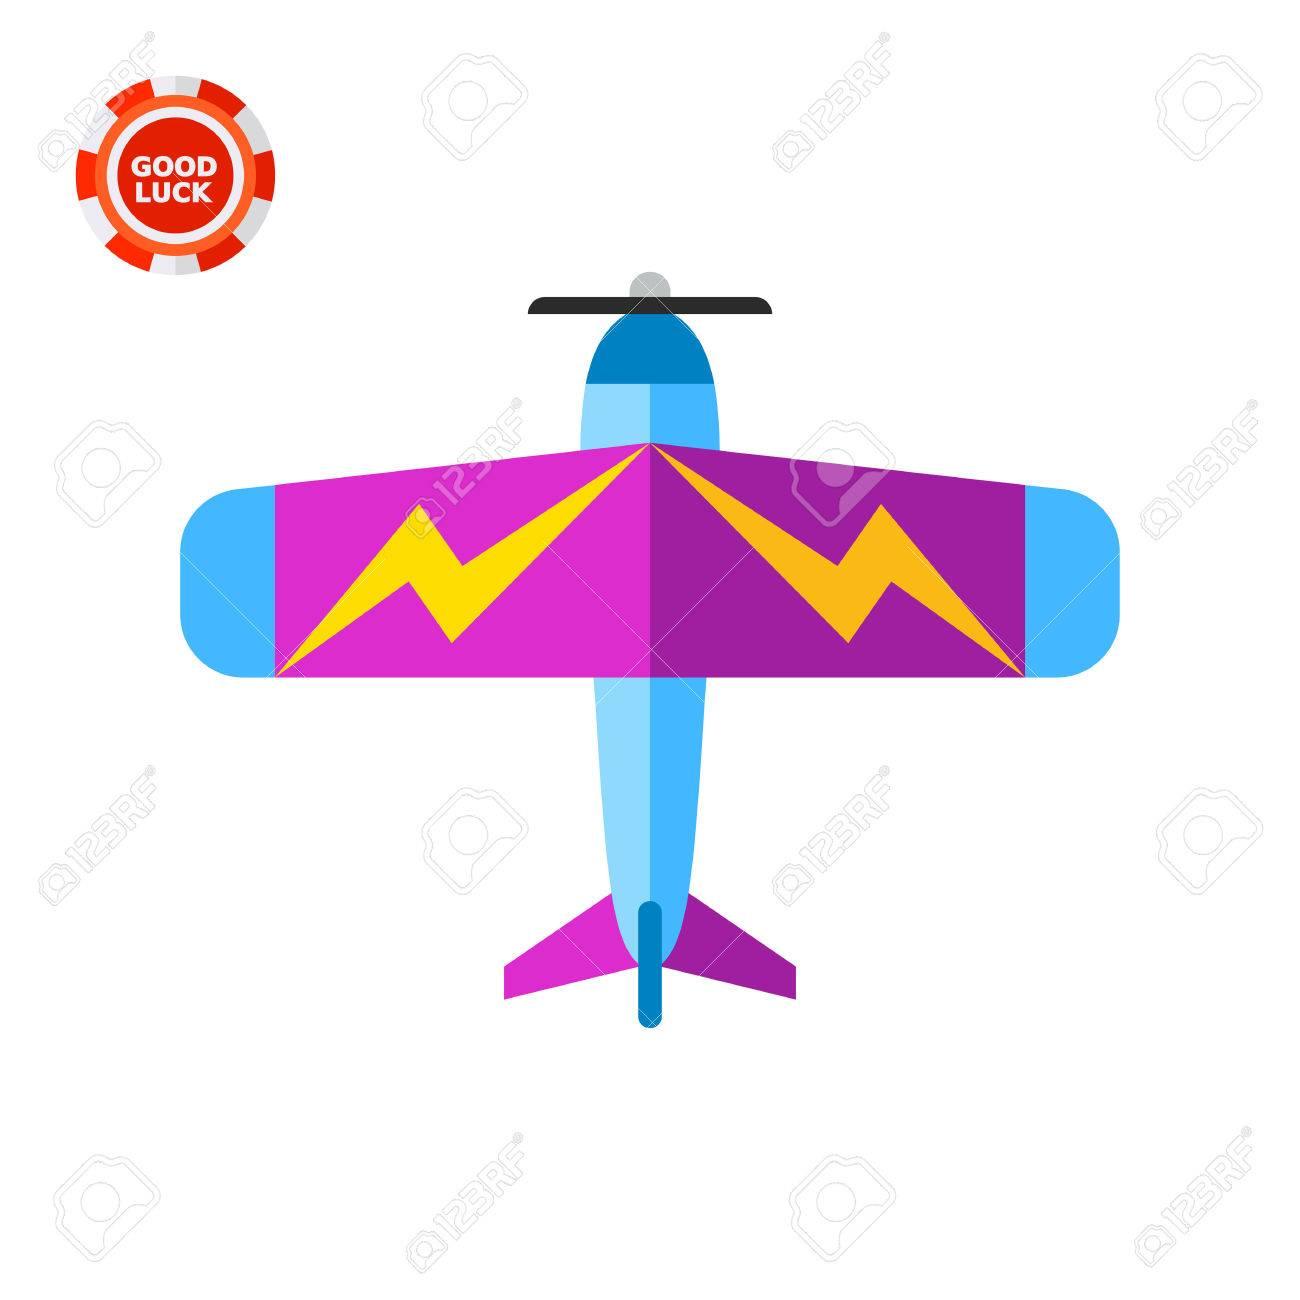 羽は、上面の雷写真付きのカラフルな軽飛行機。旅客、プライベート便